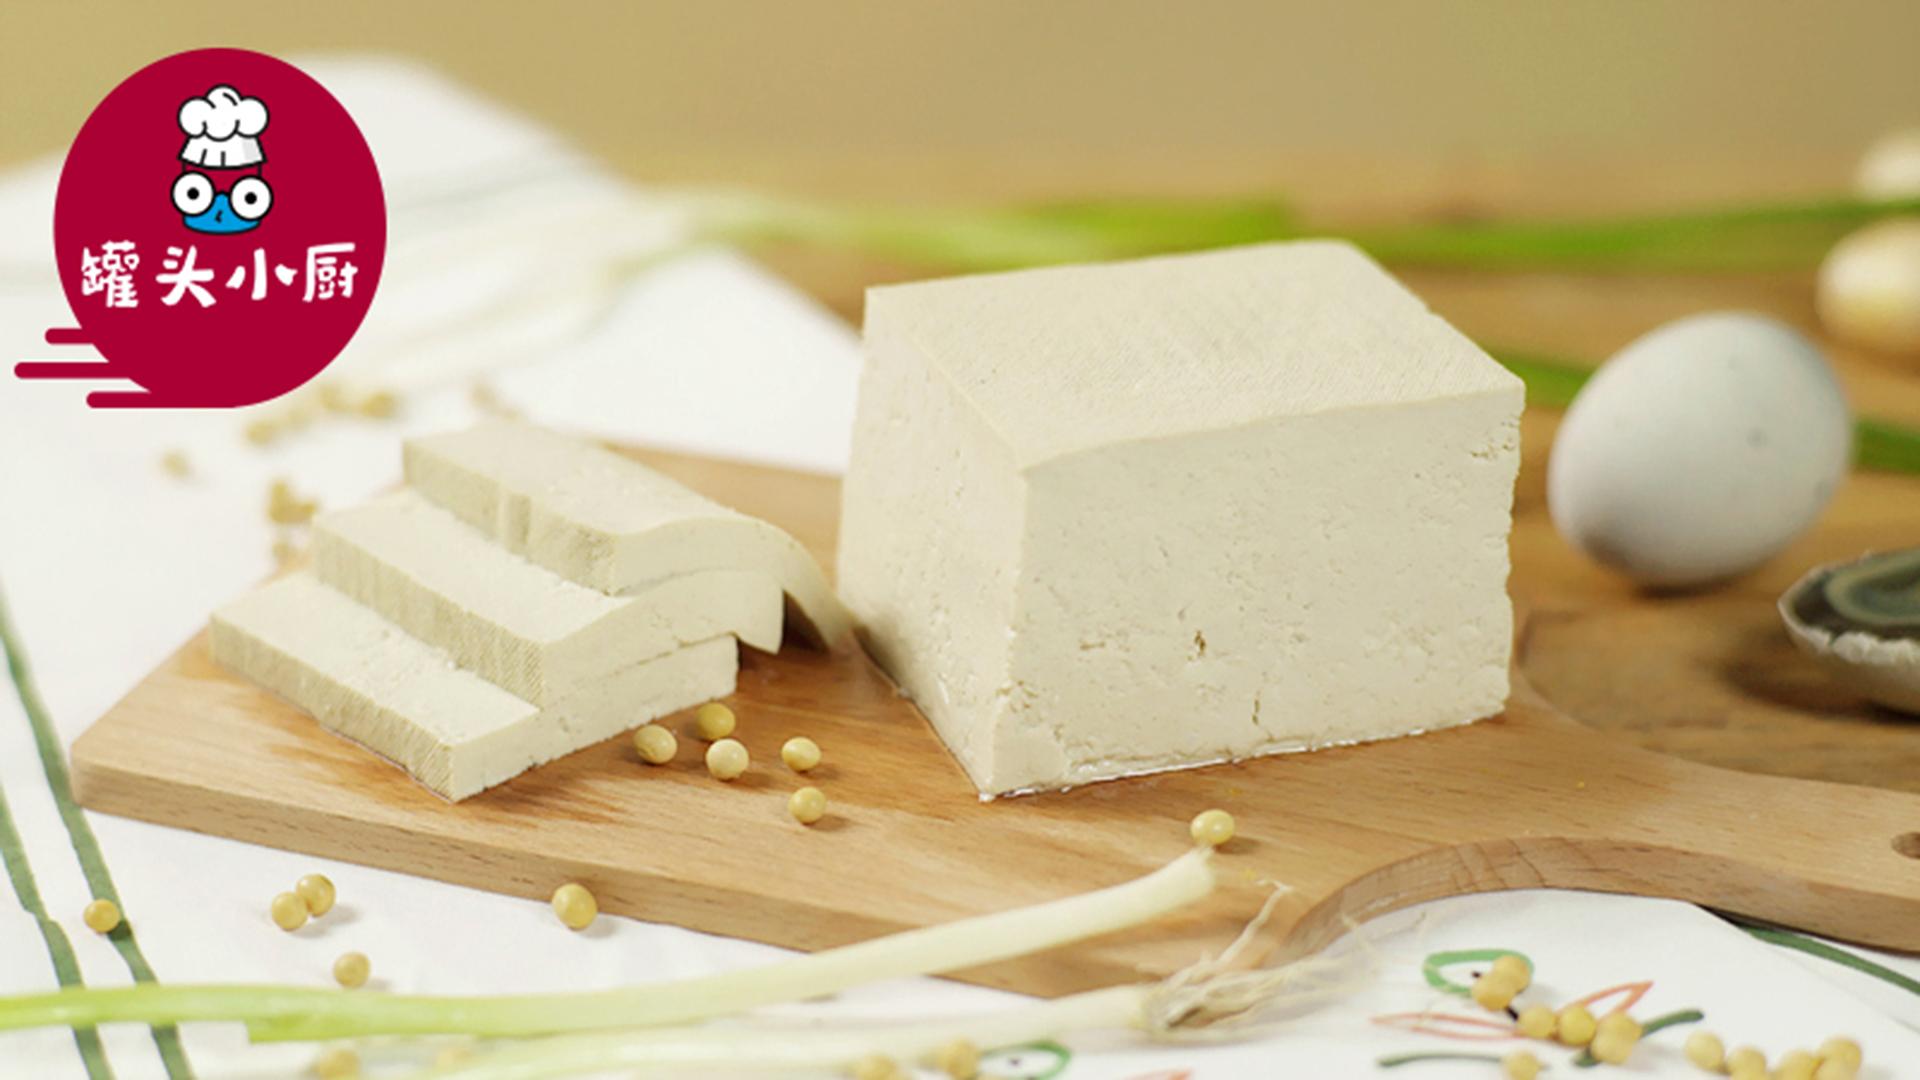 豆浆变豆腐so easy